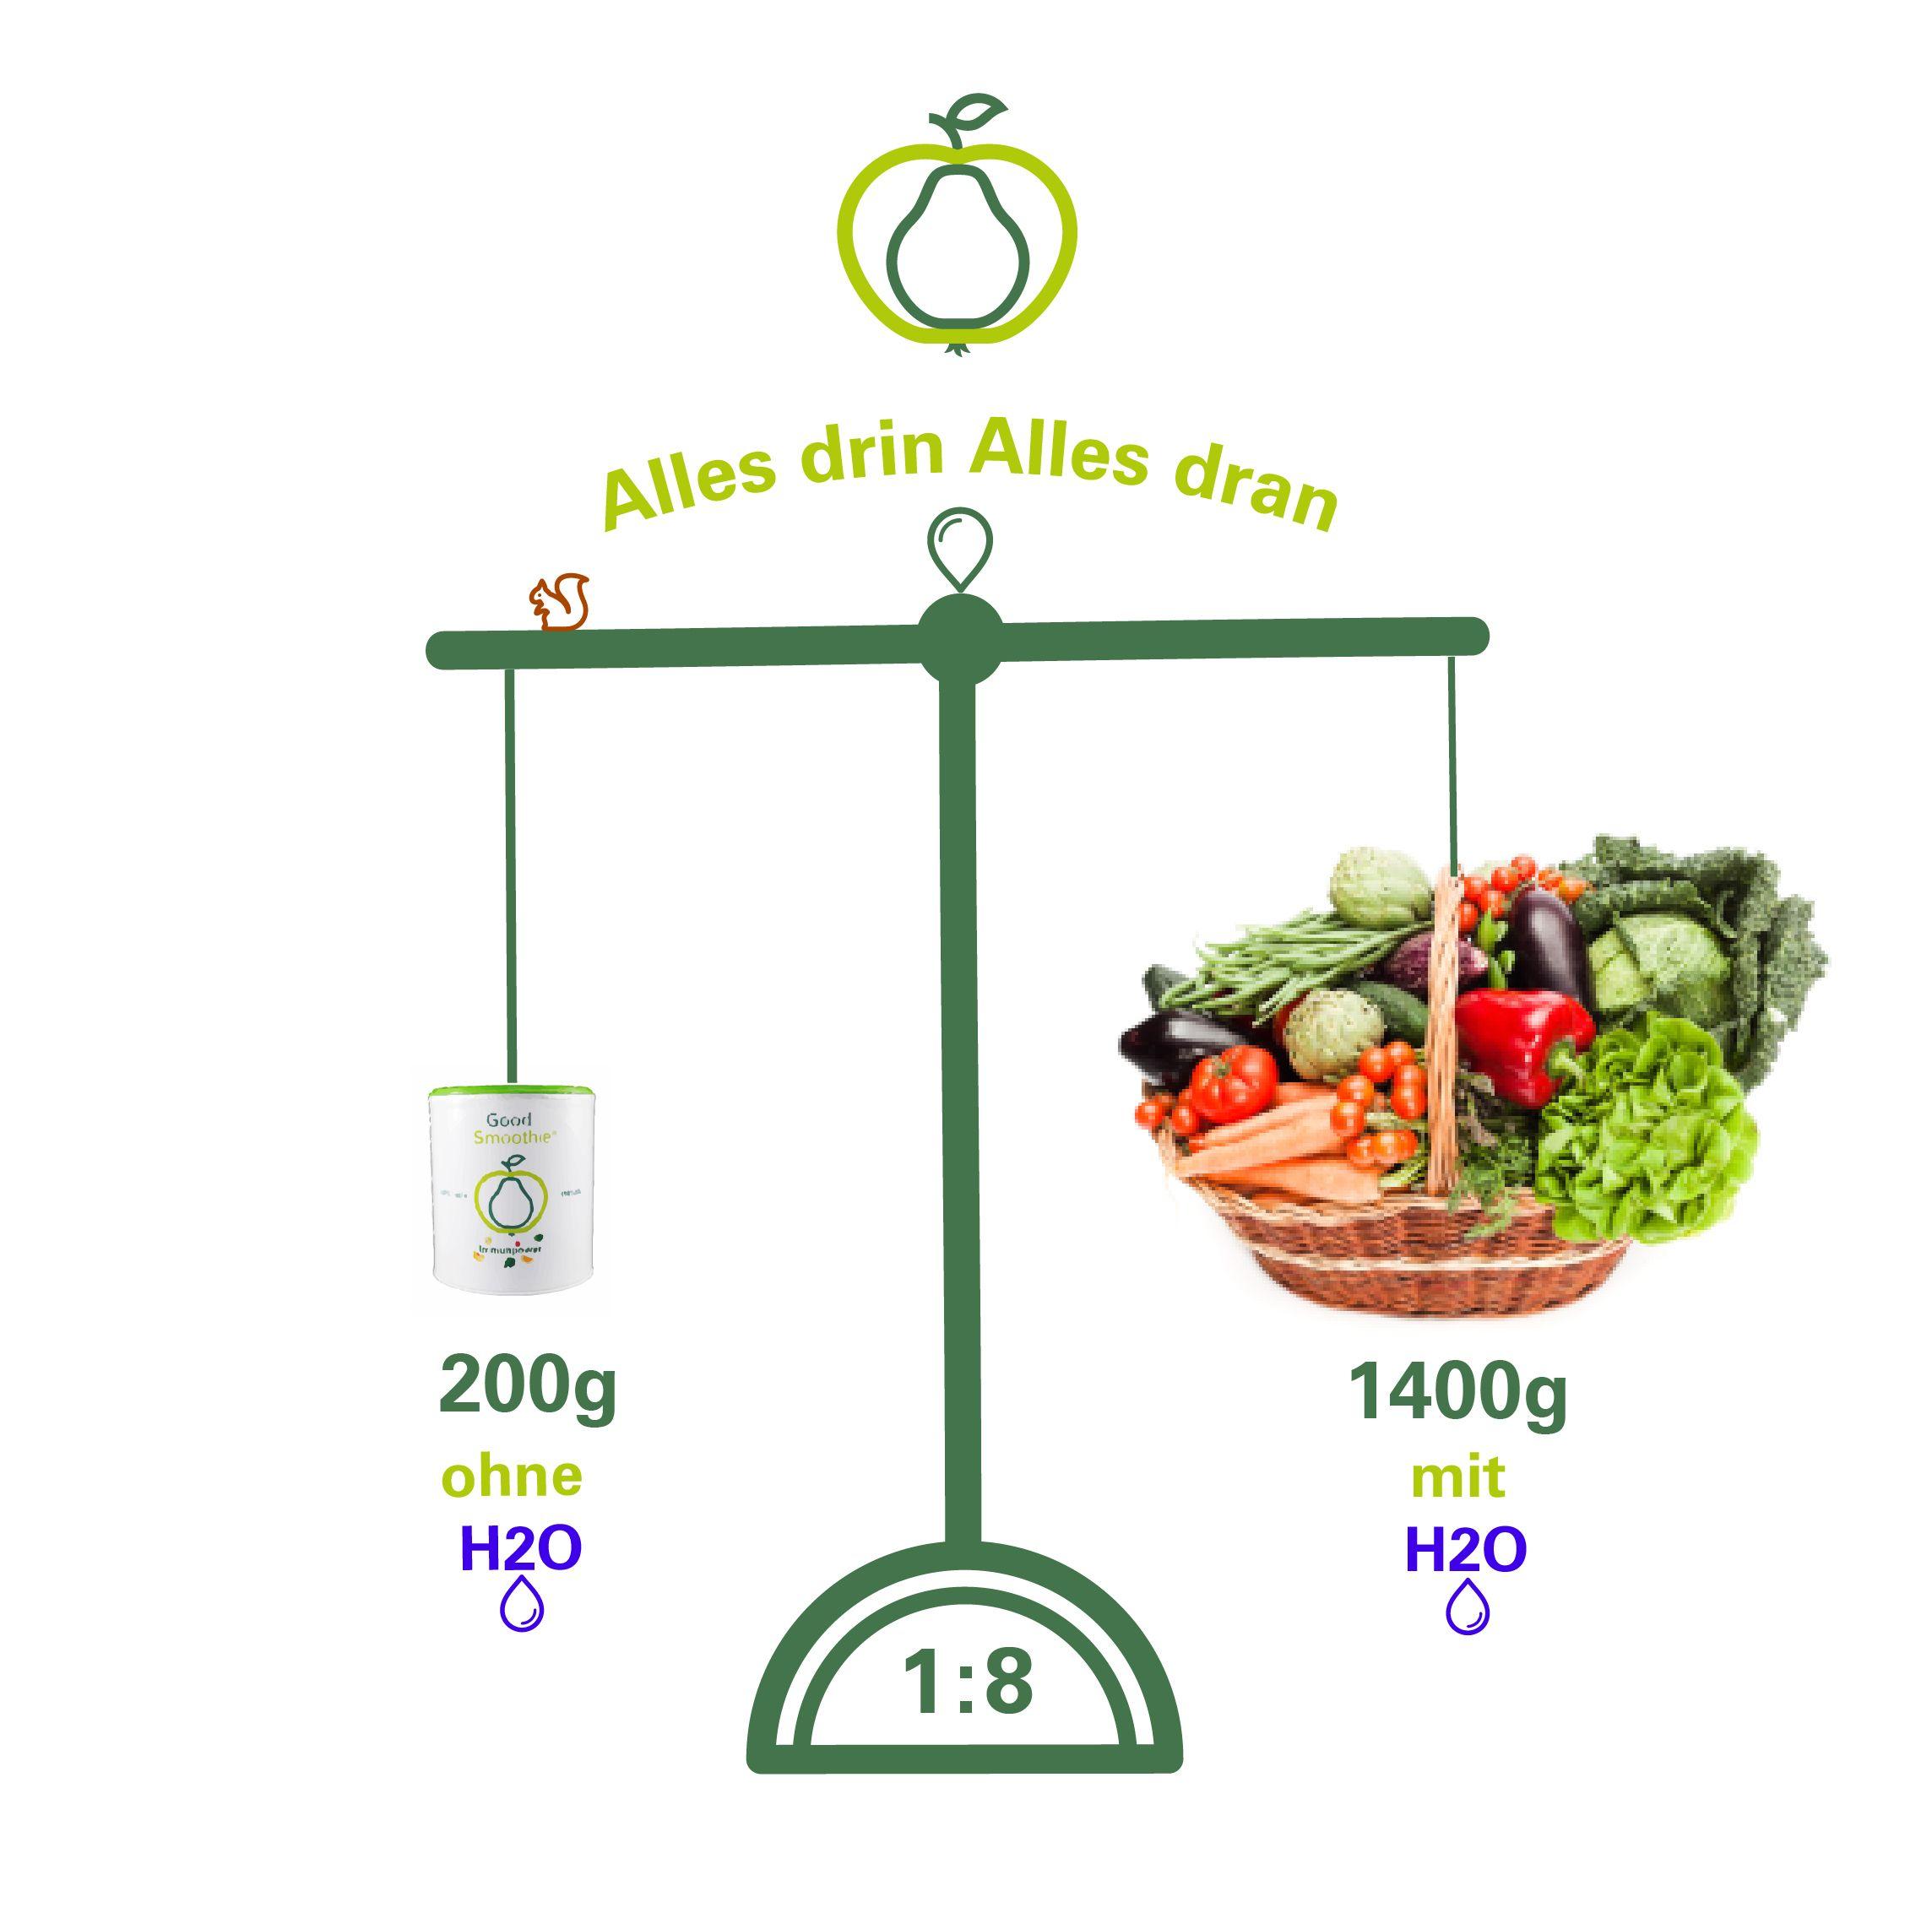 GESUND und PRAKTISCH Fruchtpulver in Rohkostqualität ist im Verhältnis viel kompakter, da den Produkten durch die Gefriertrockung das Wasser entzogen wird, jedoch alle pflanzeneigenen Inhaltsstoffe und Vitalstoffe erhalten bleiben.